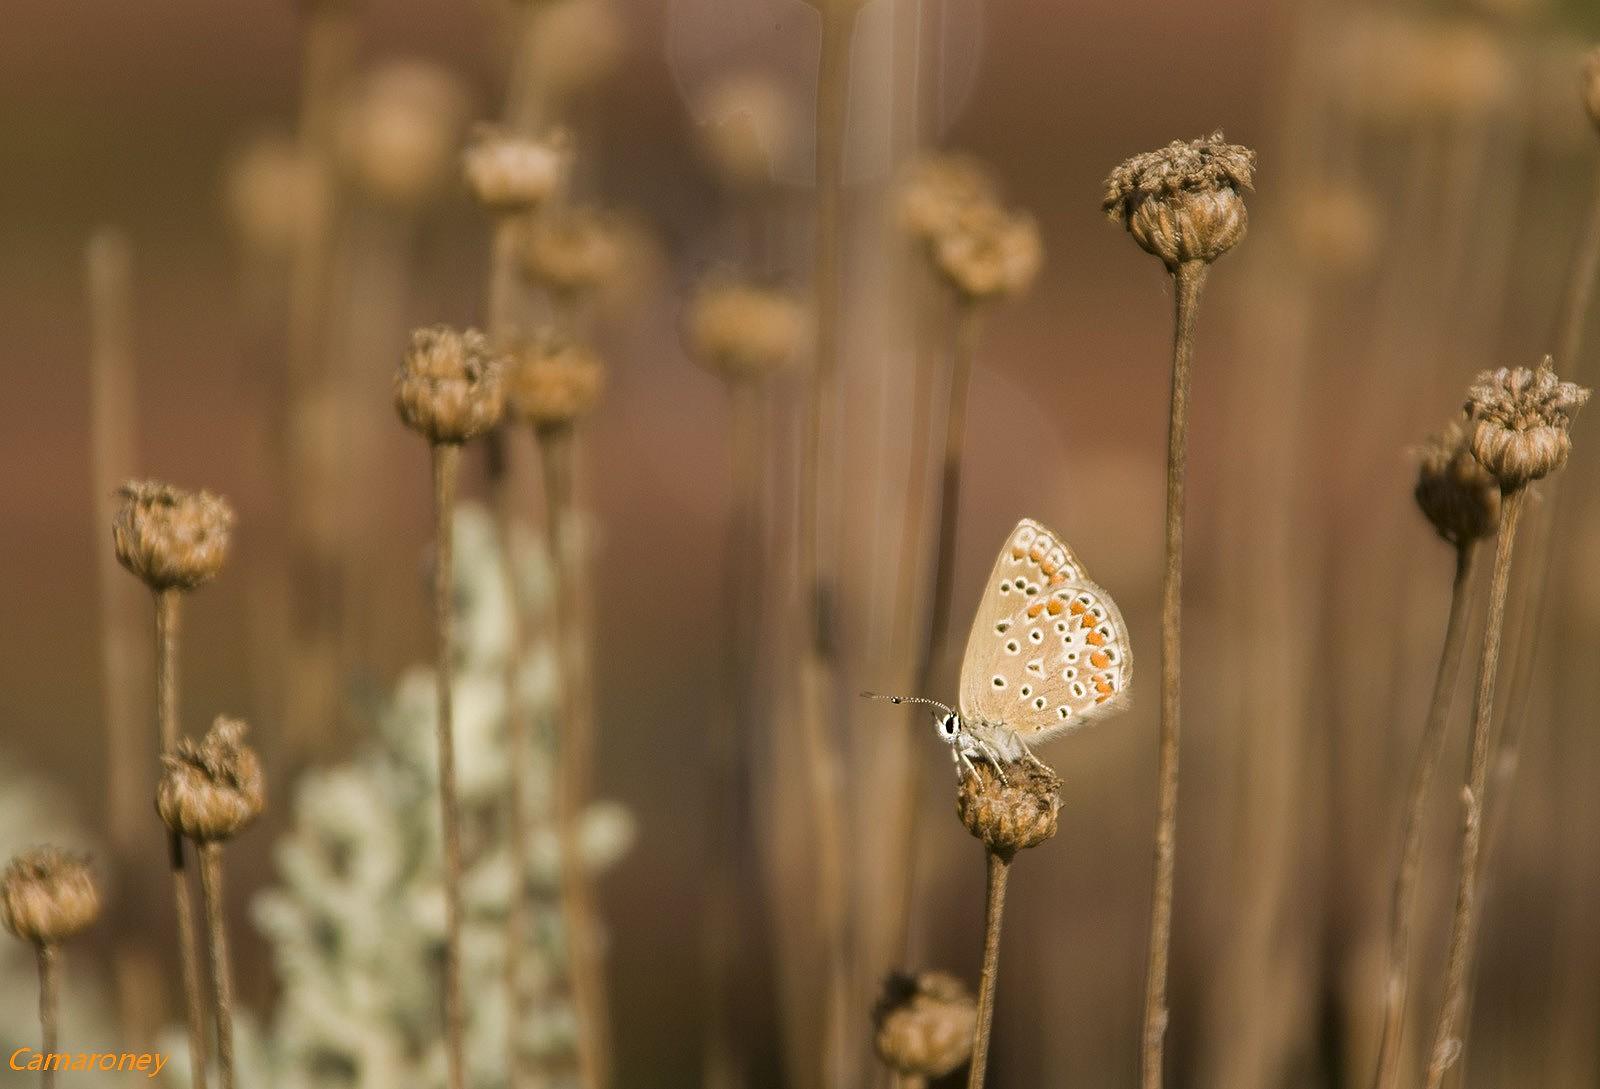 L'argus et autres papillons  mise a jour du 04.04.2019 ( camaroney ) - Page 2 782737DSC44911600